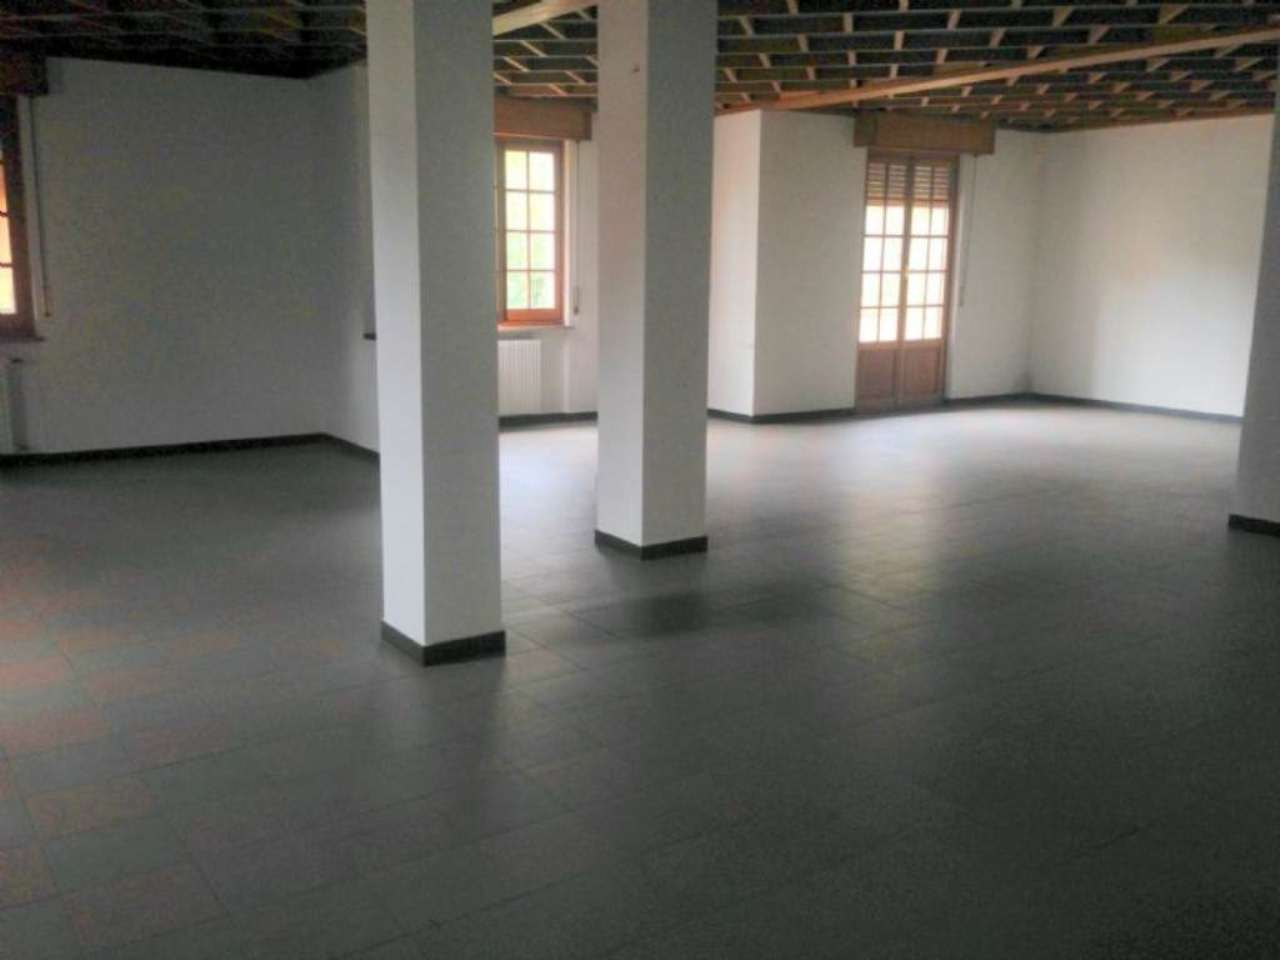 Negozio / Locale in vendita a Busalla, 1 locali, prezzo € 400.000 | Cambio Casa.it